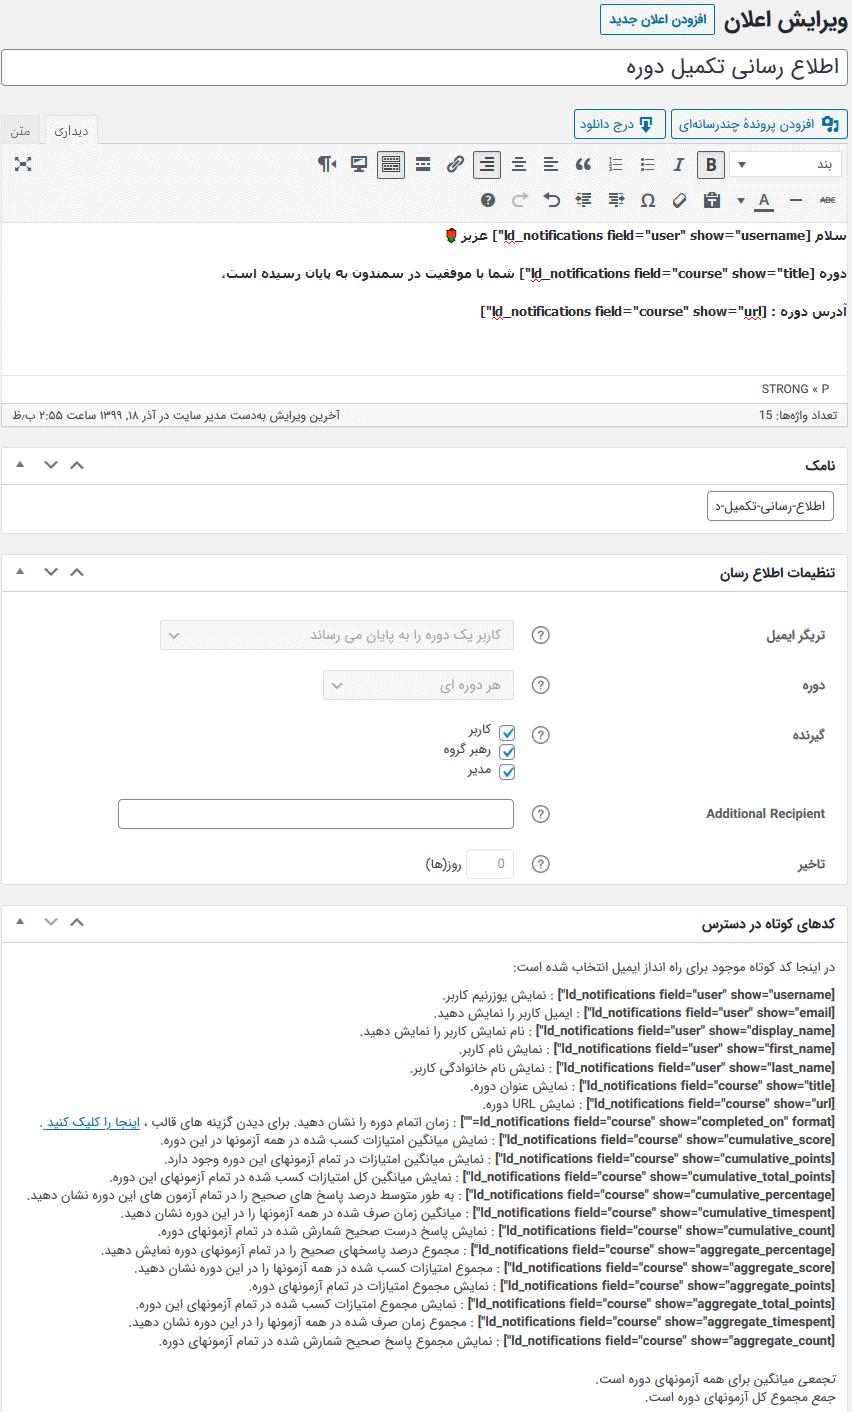 ساخت اعلان اطلاع رسانی لرن دش با افزونه LearnDash Notifications